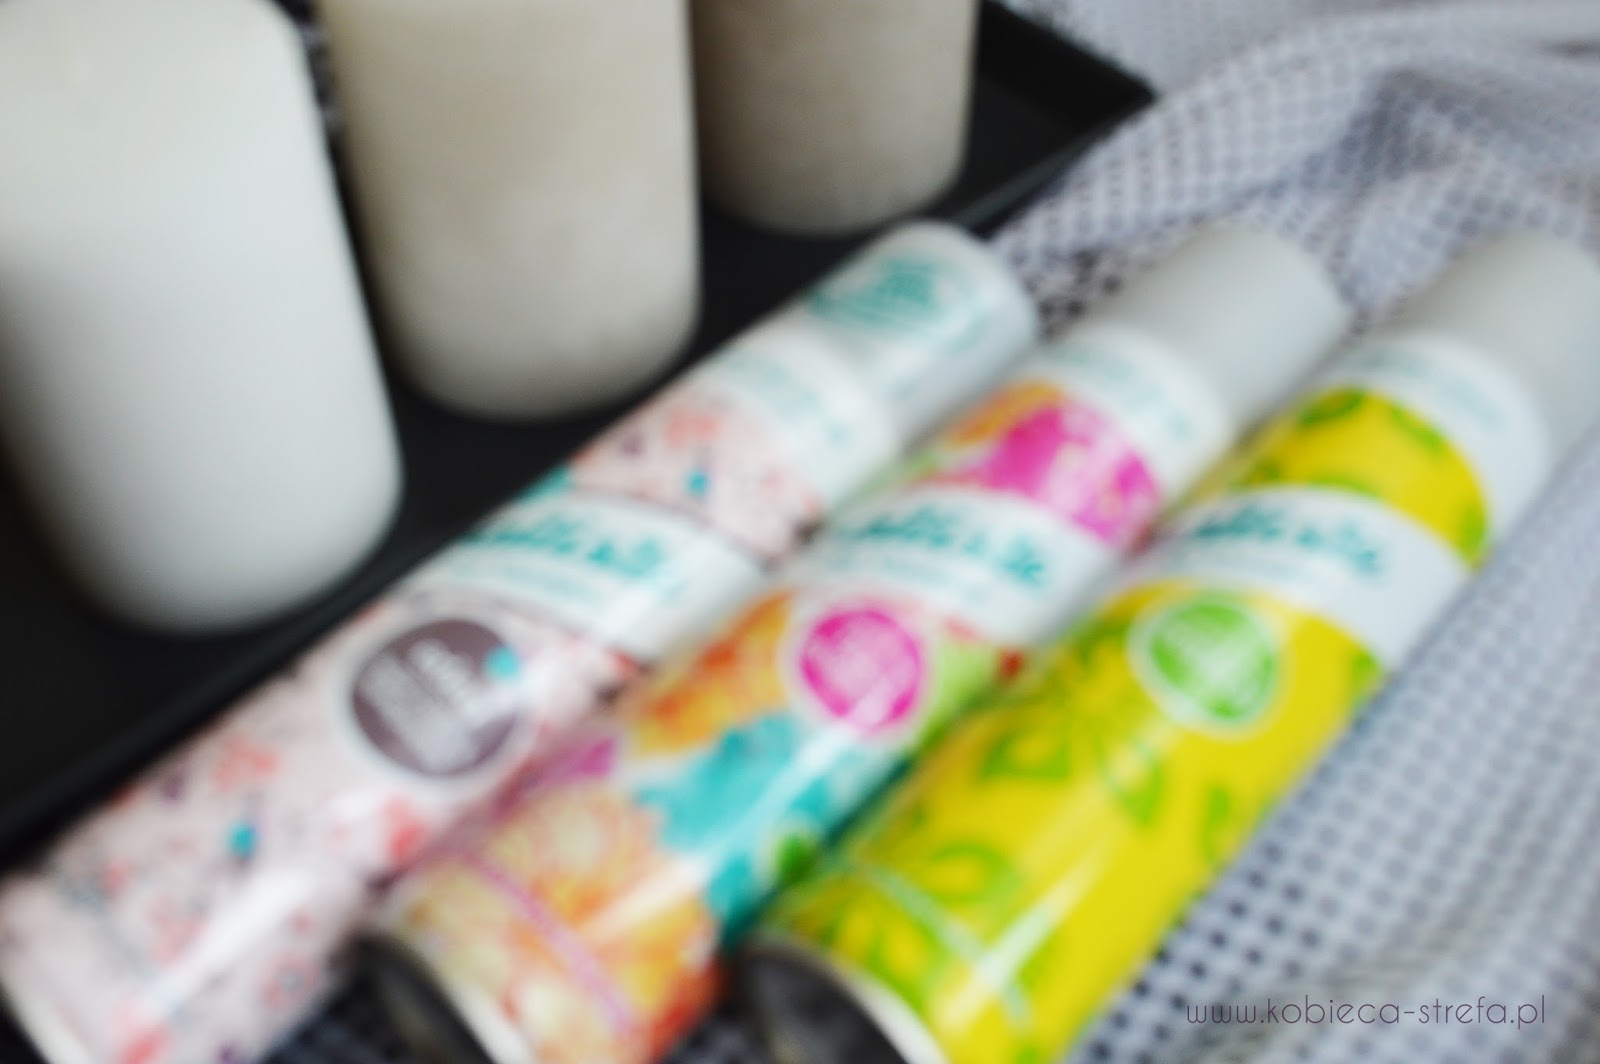 BATISTE czyli szampon od zadań specjalnych! Tropical, Floral Essences, Eden